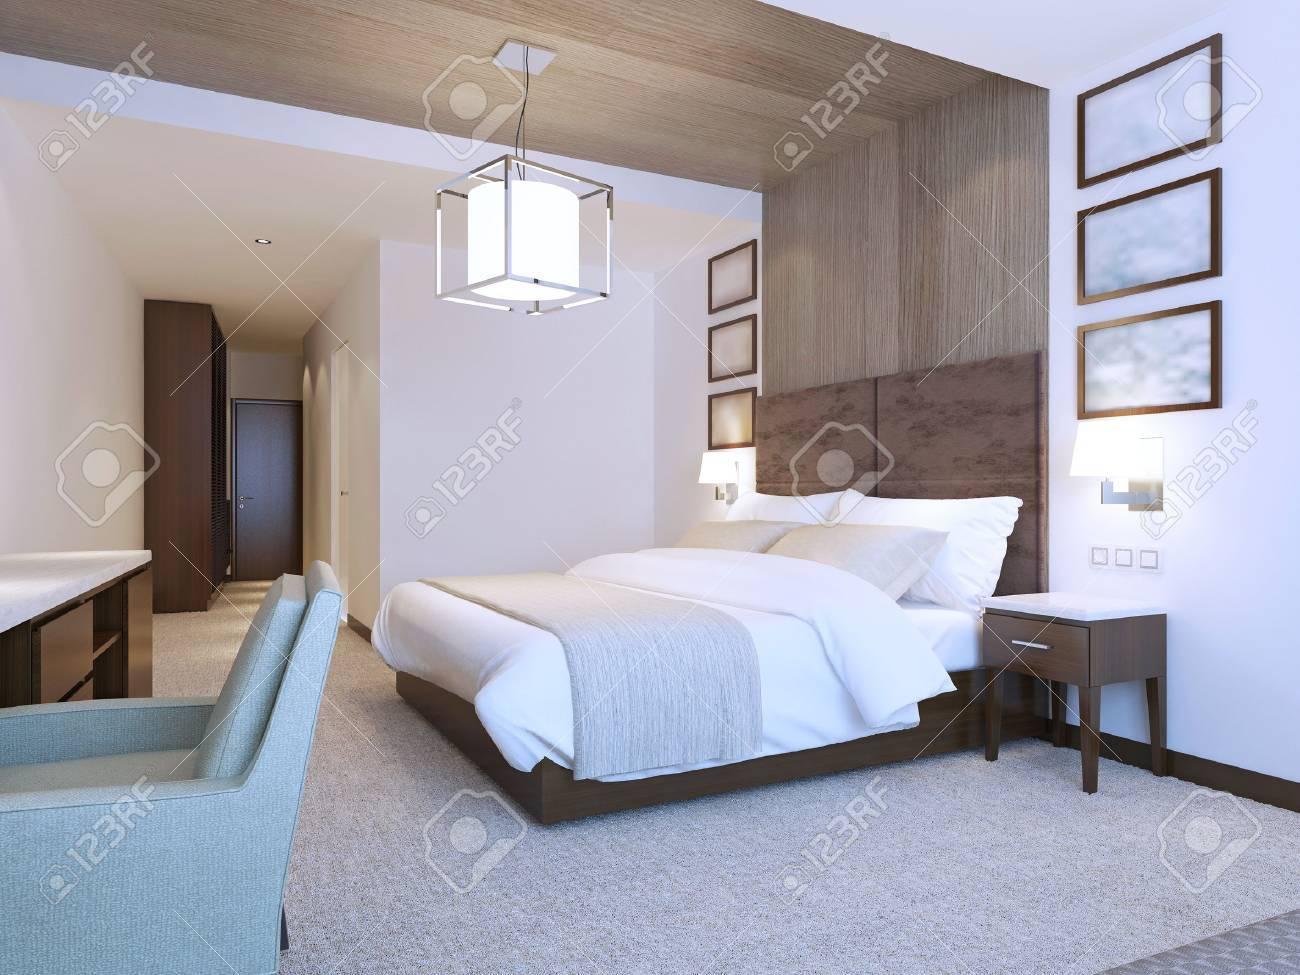 Modernes Design Schlafzimmer Minimalistische Interieur. 3D ...